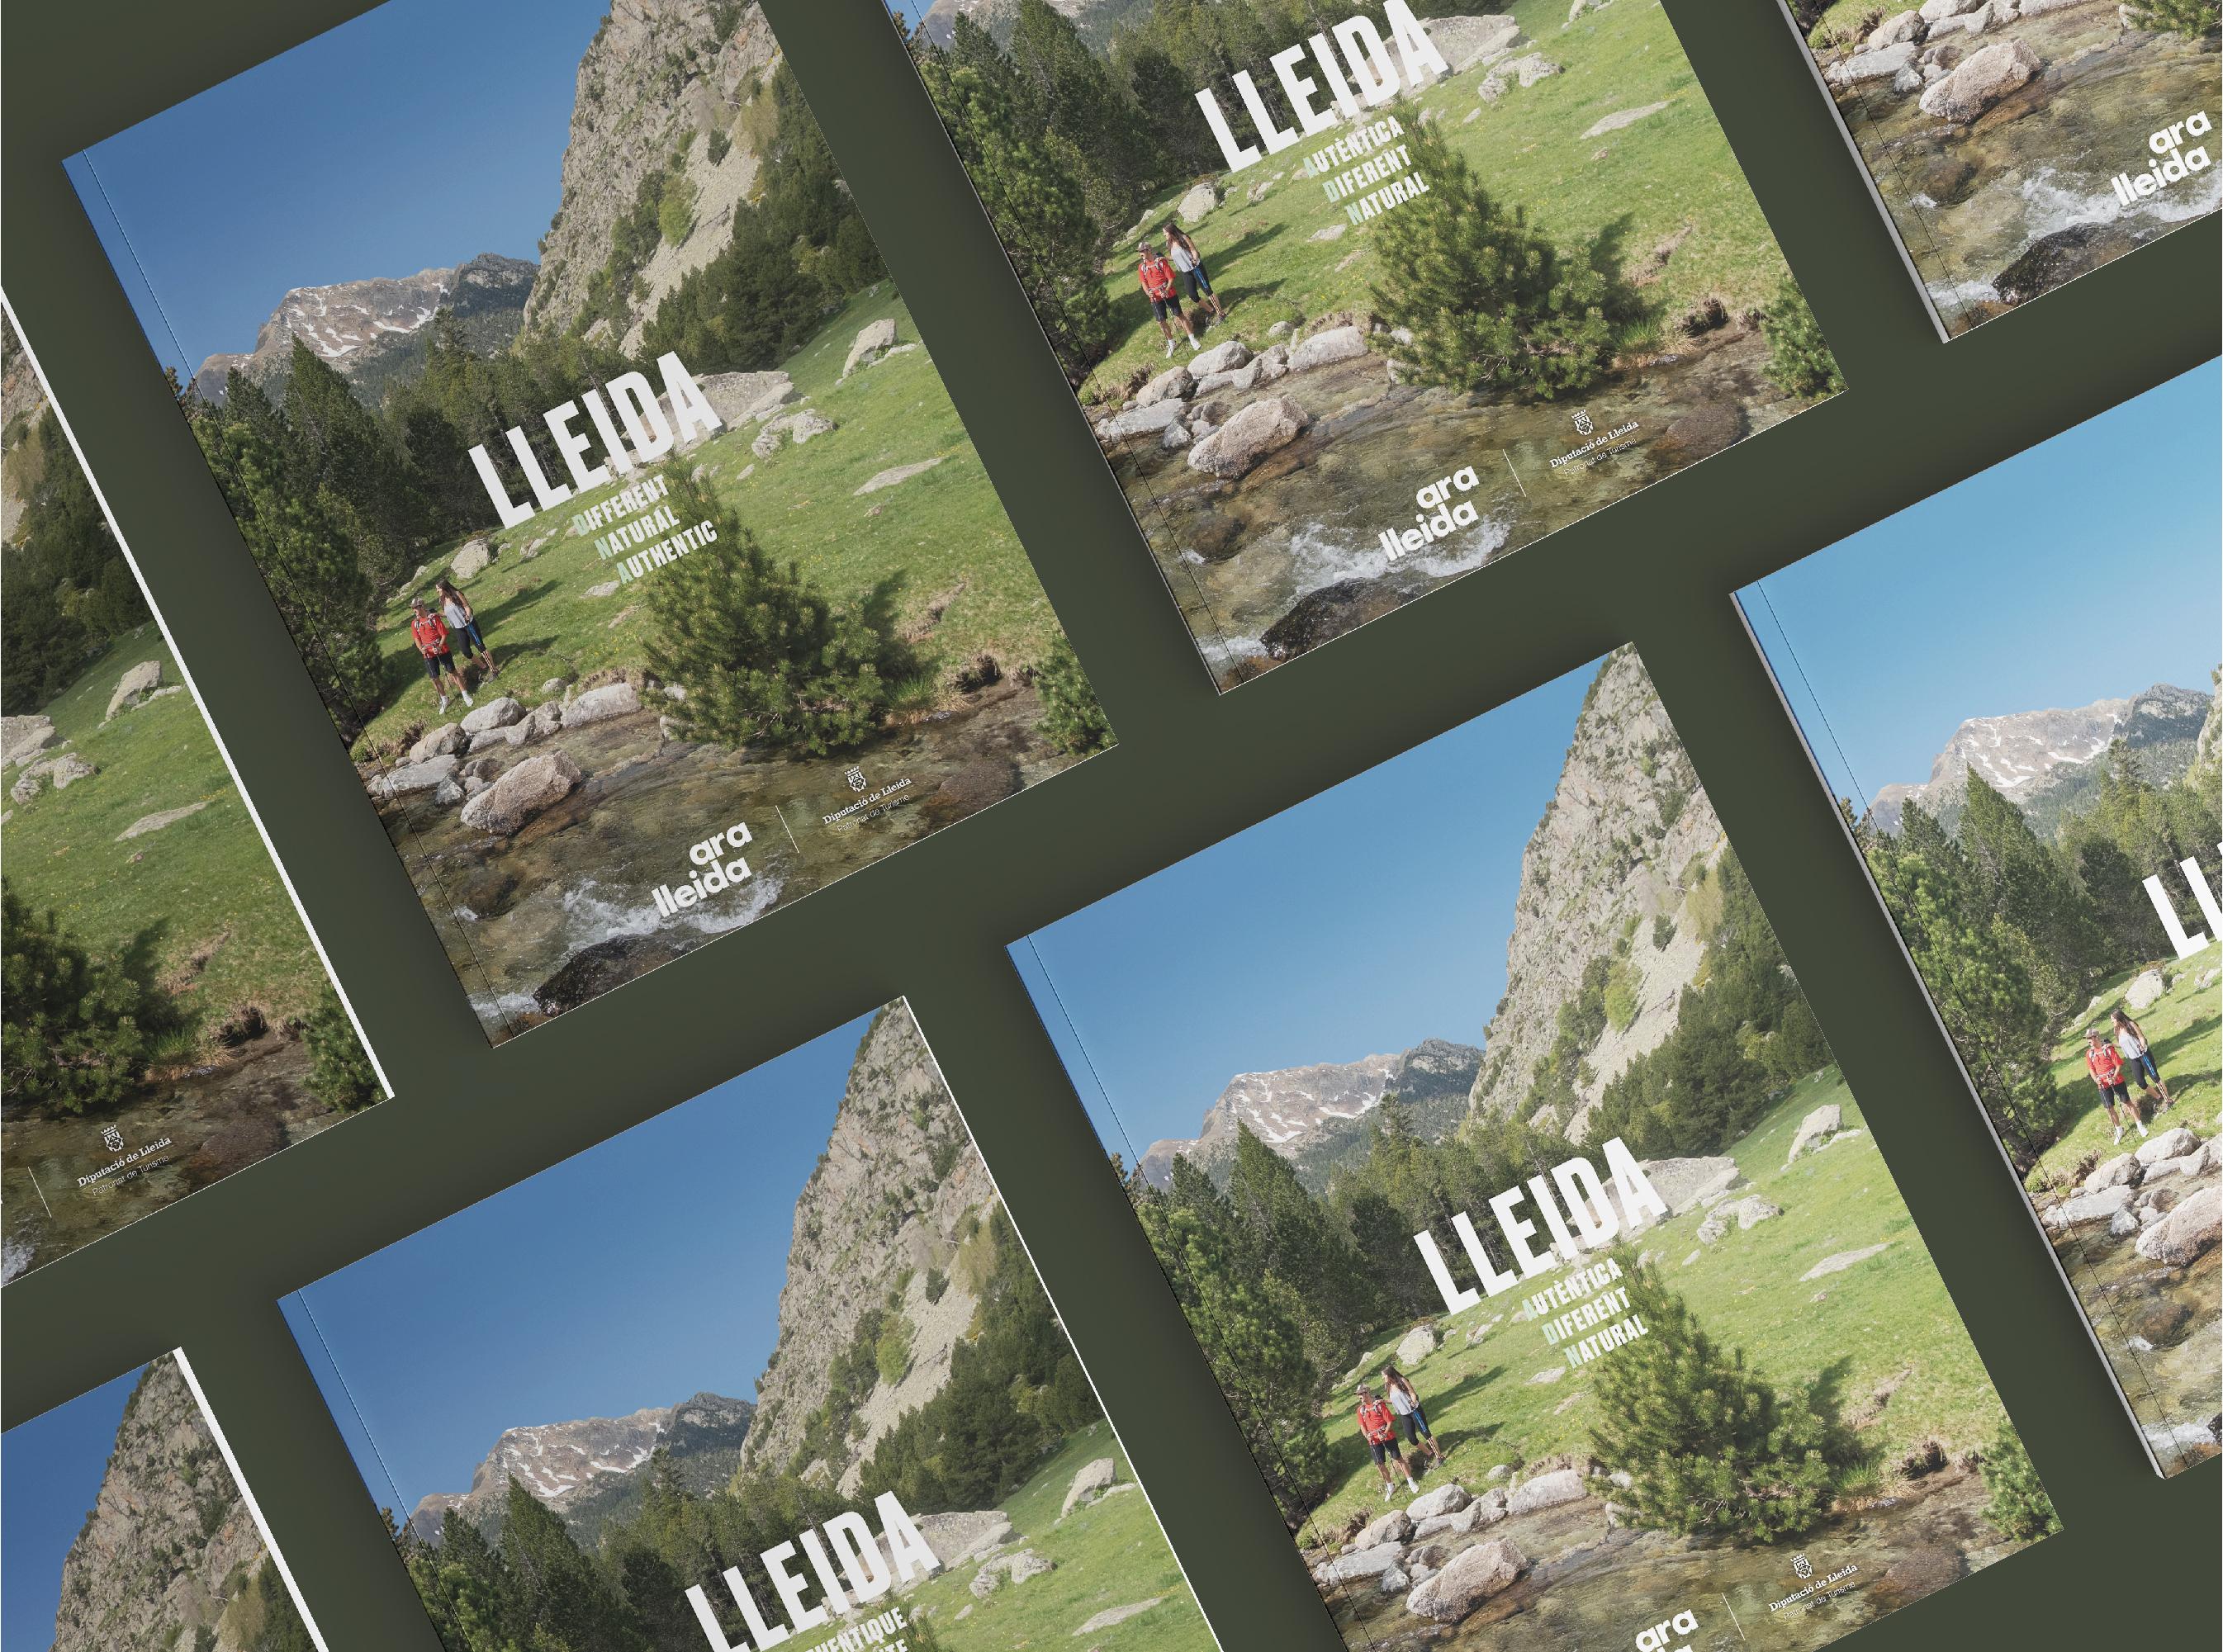 Textos Catálogo Turismo